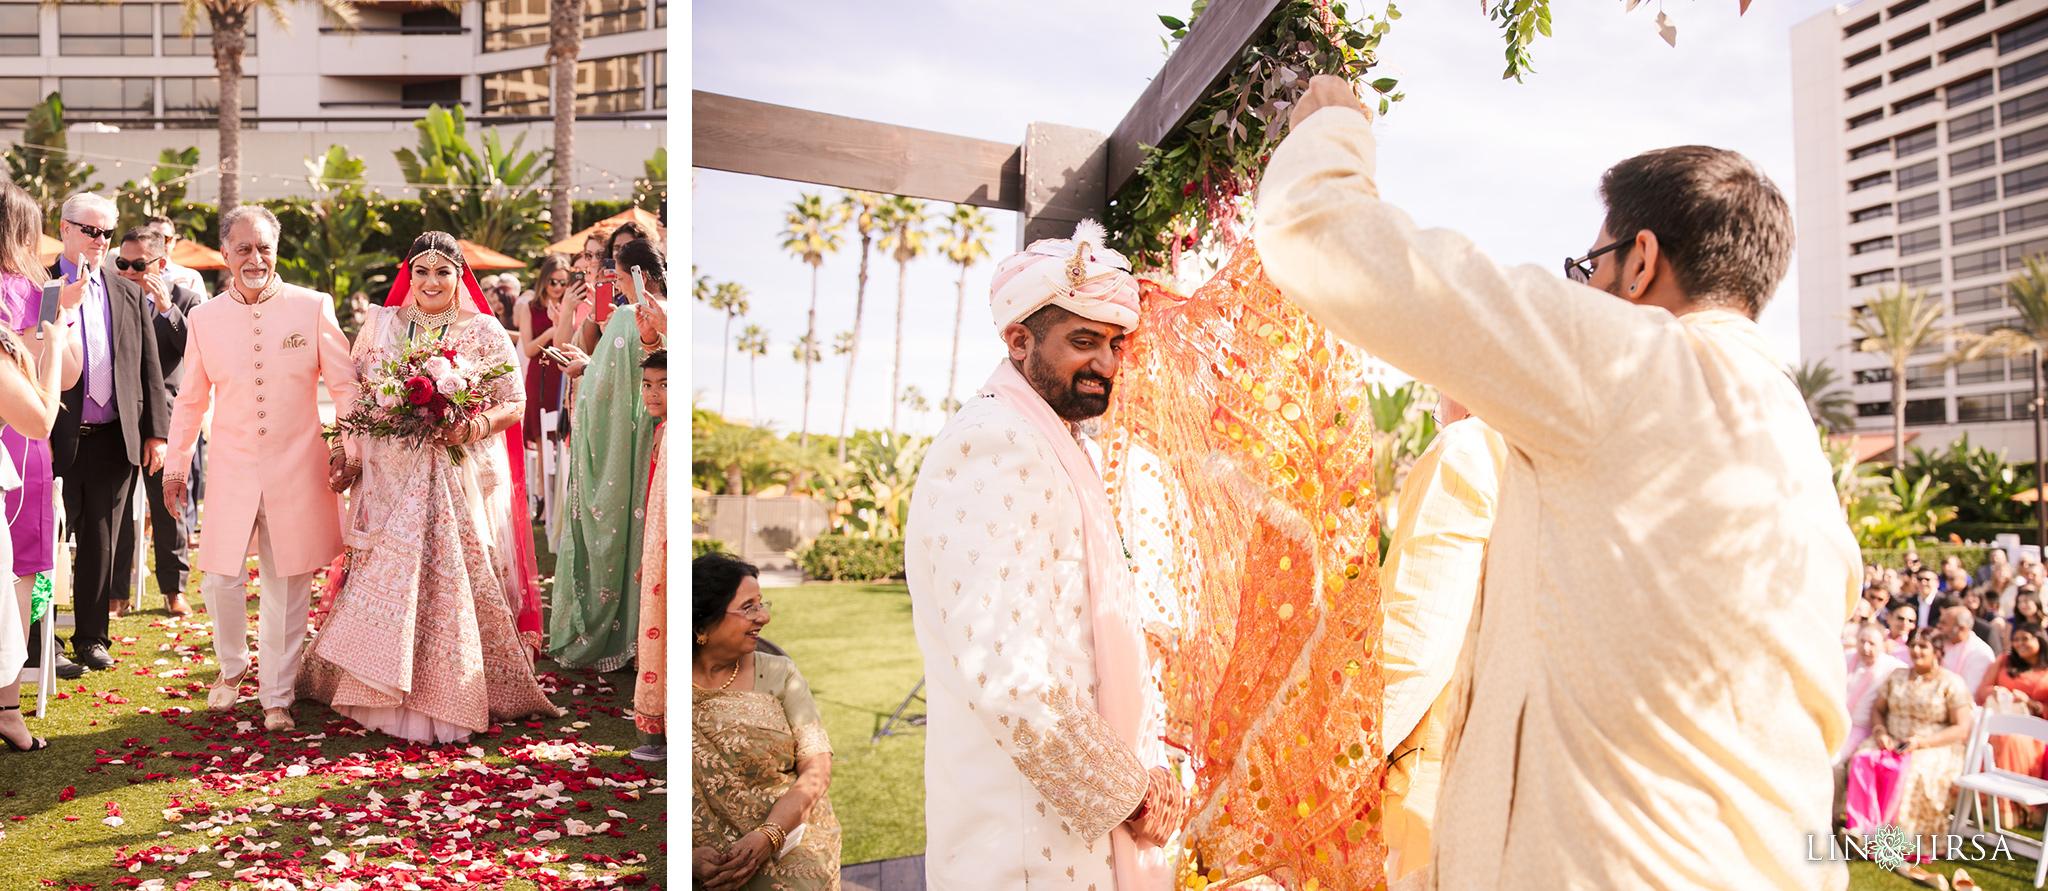 22 Hotel Irvine Indian Wedding Photography